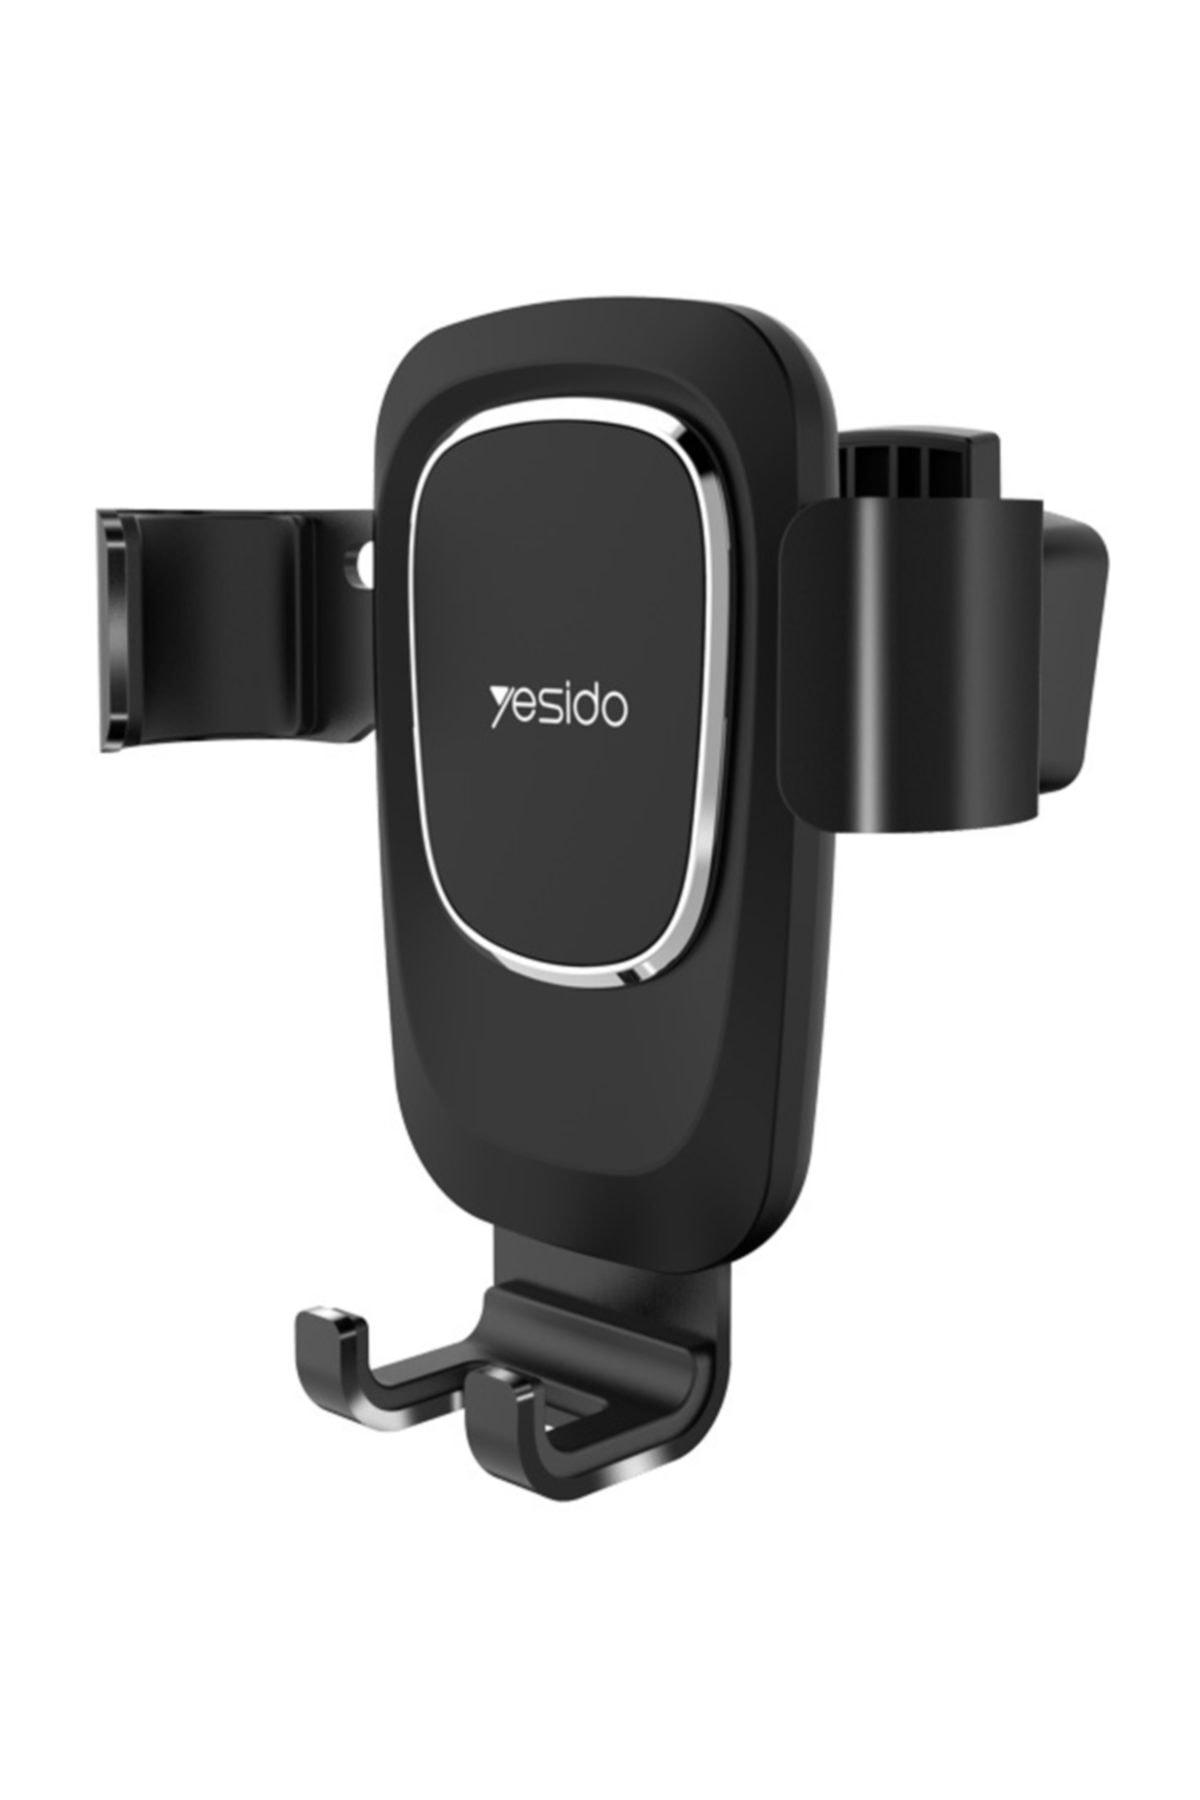 Yesido C50 Gravity